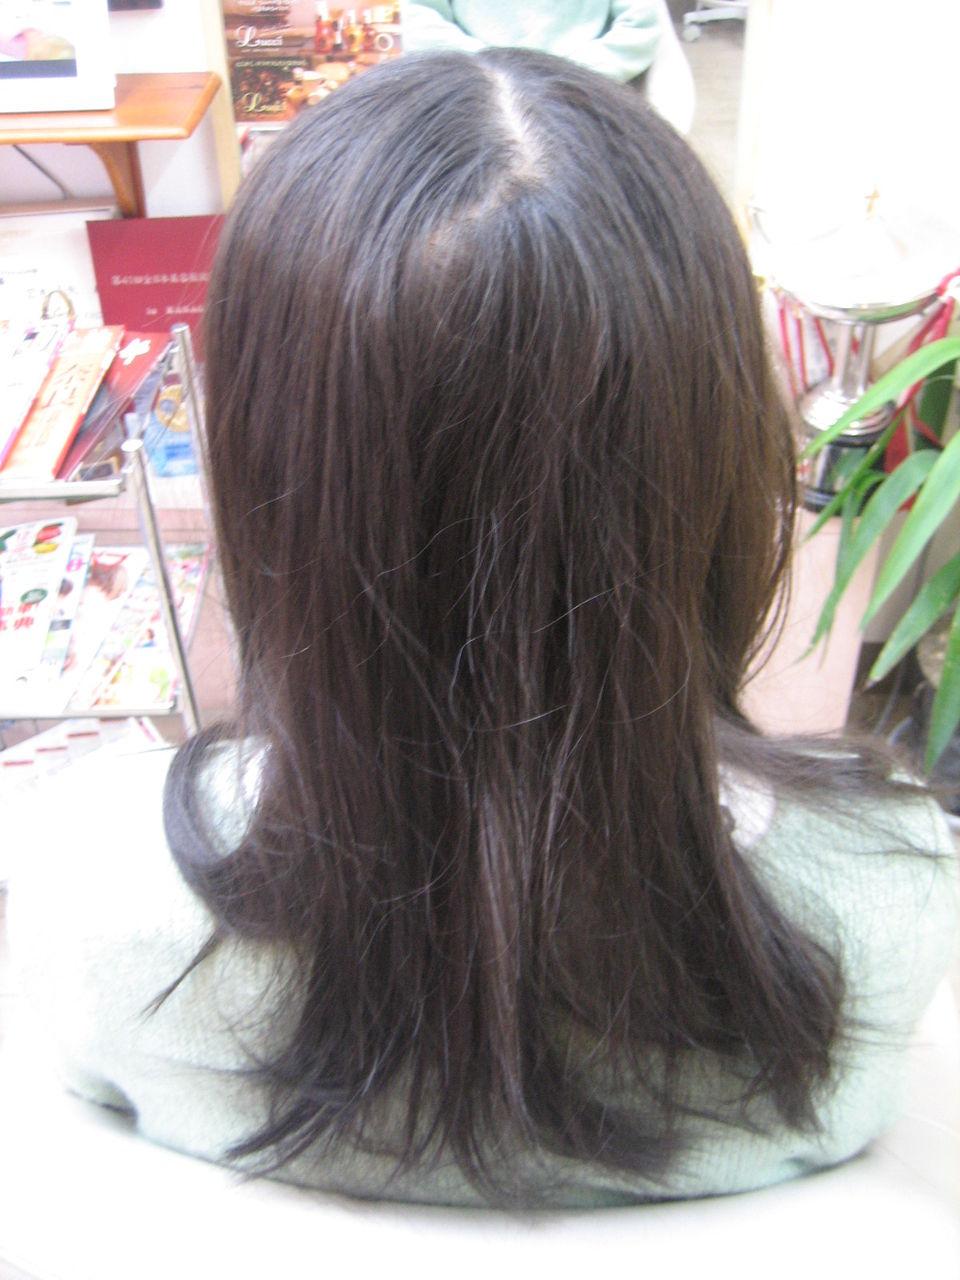 細い髪の毛の縮毛矯正